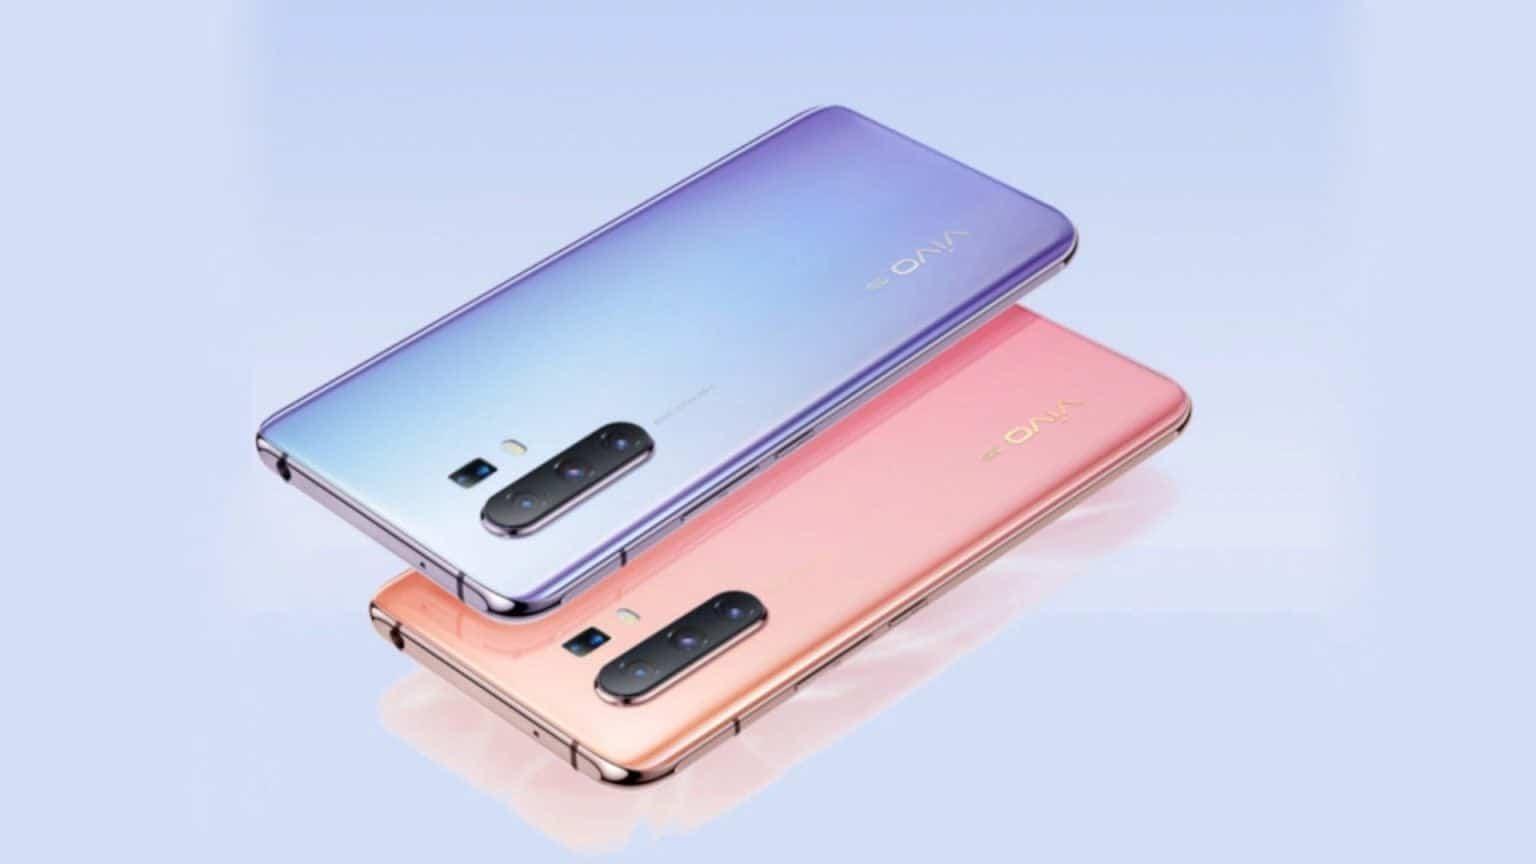 Vivo начала продажи недорогого смартфона Vivo Y30 в России сразу со скидкой